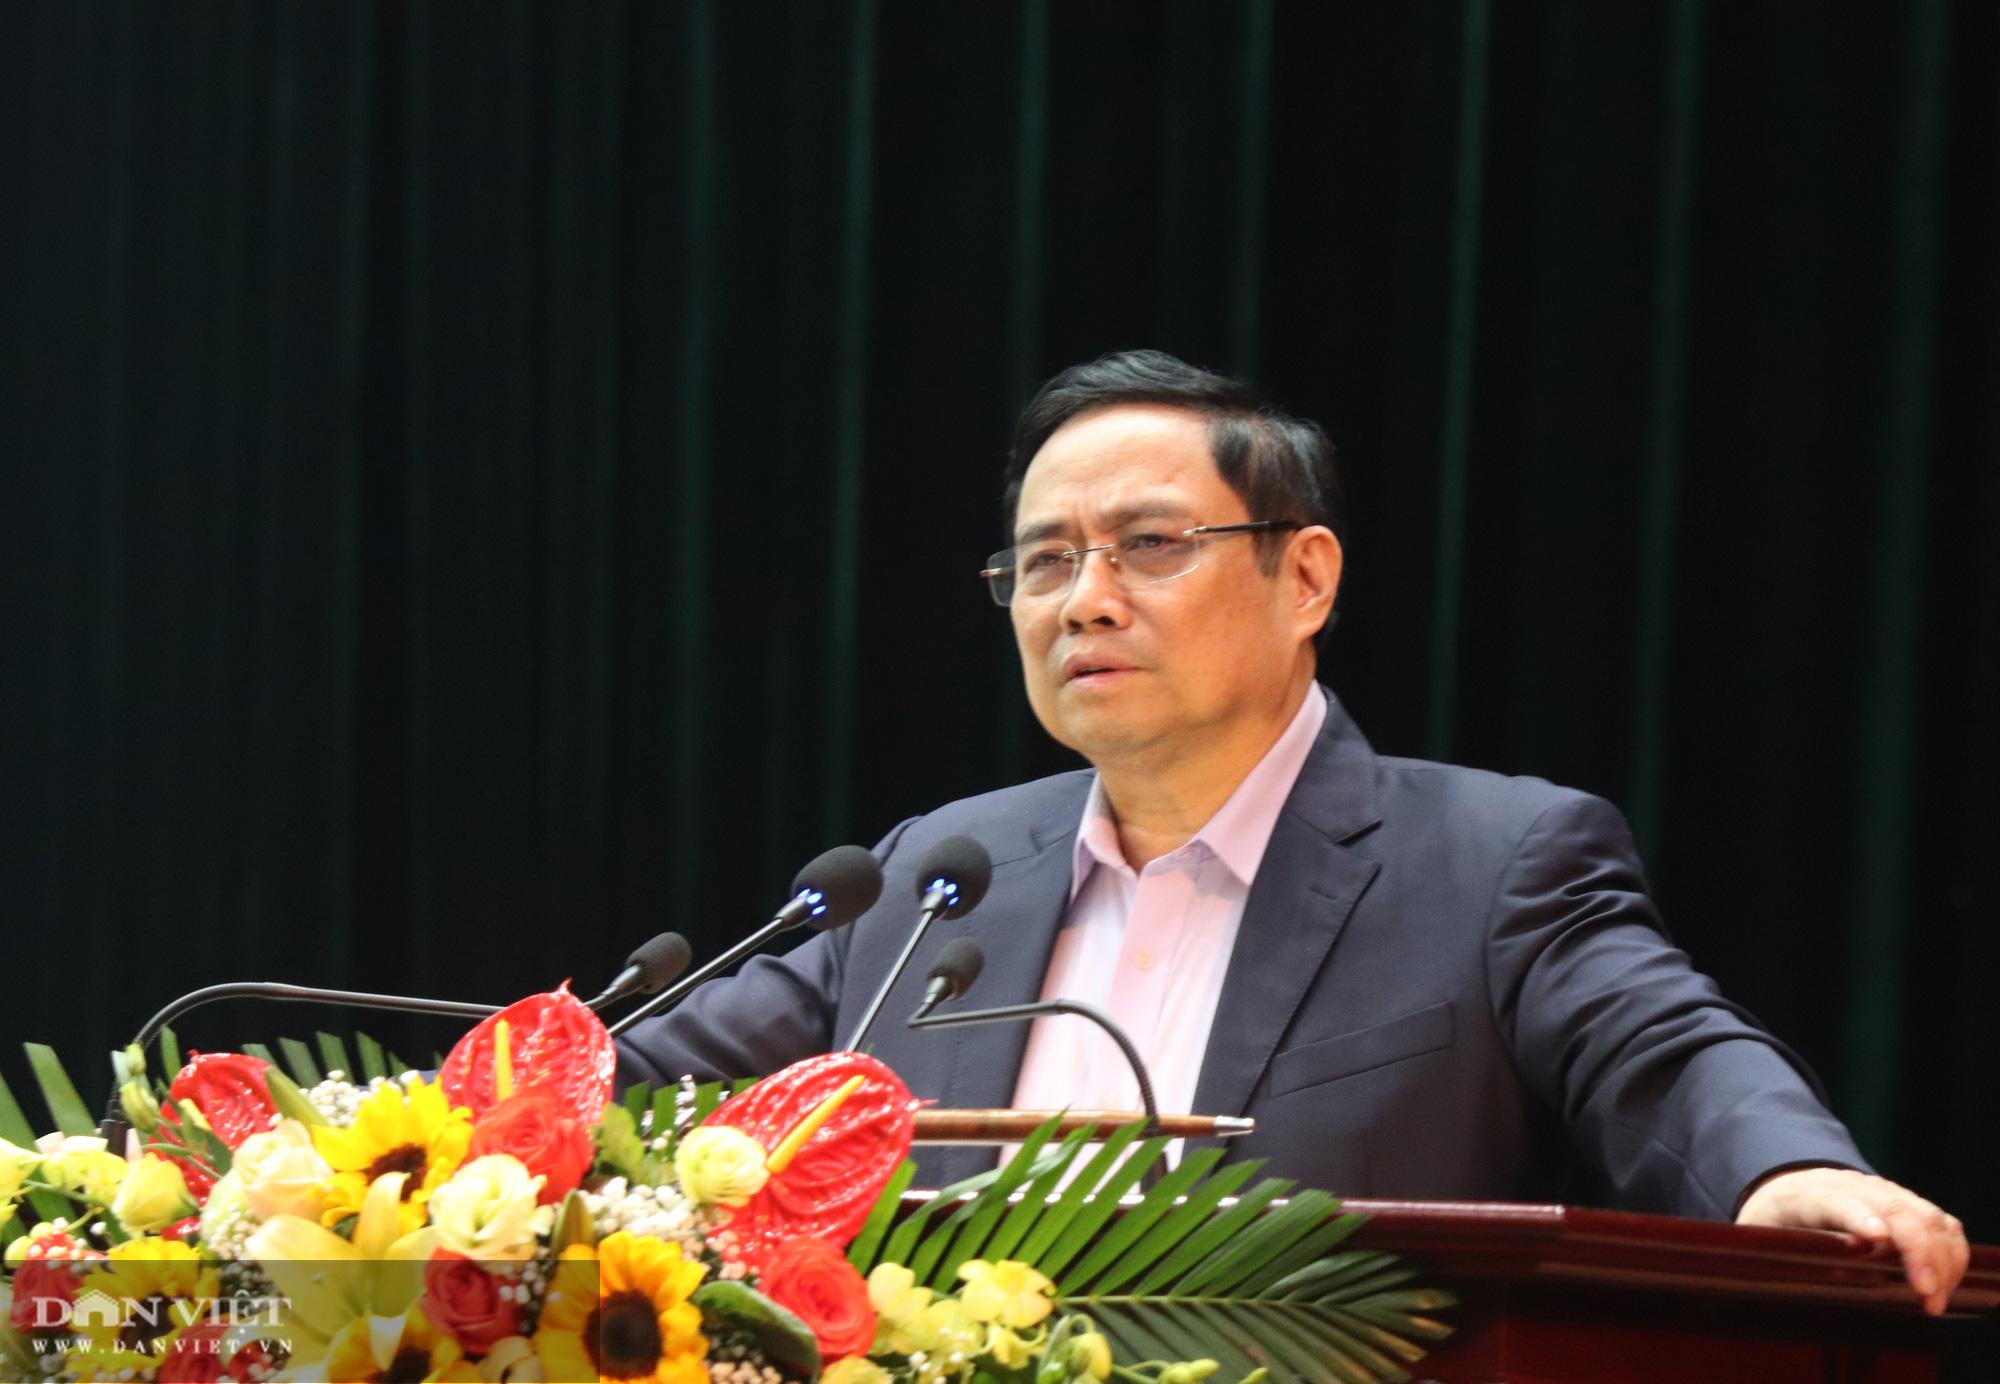 Trưởng ban Tổ chức Trung ương Phạm Minh Chính: Sơn La biết biến không thành có... - Ảnh 1.